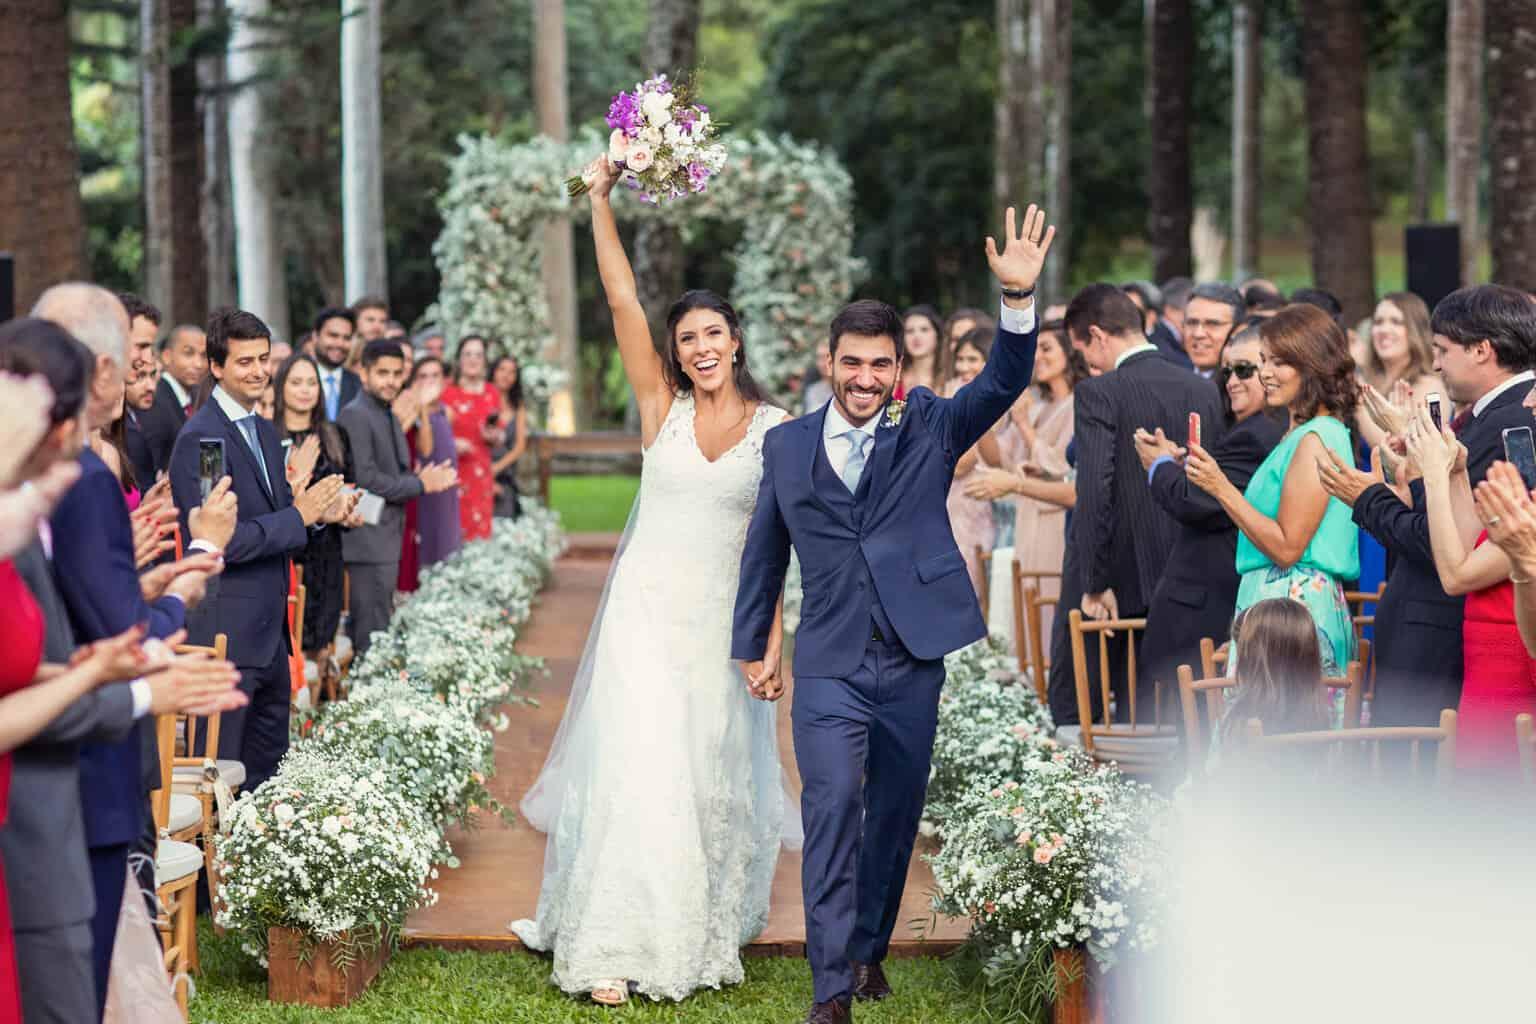 casamento-na-Fazenda-Vila-Rica-cerimonia-ao-ar-livre-cerimonial-Ana-Paula-Tabet-Fotografia-Euka-Weddings-Renata-e-Gabriel94-1